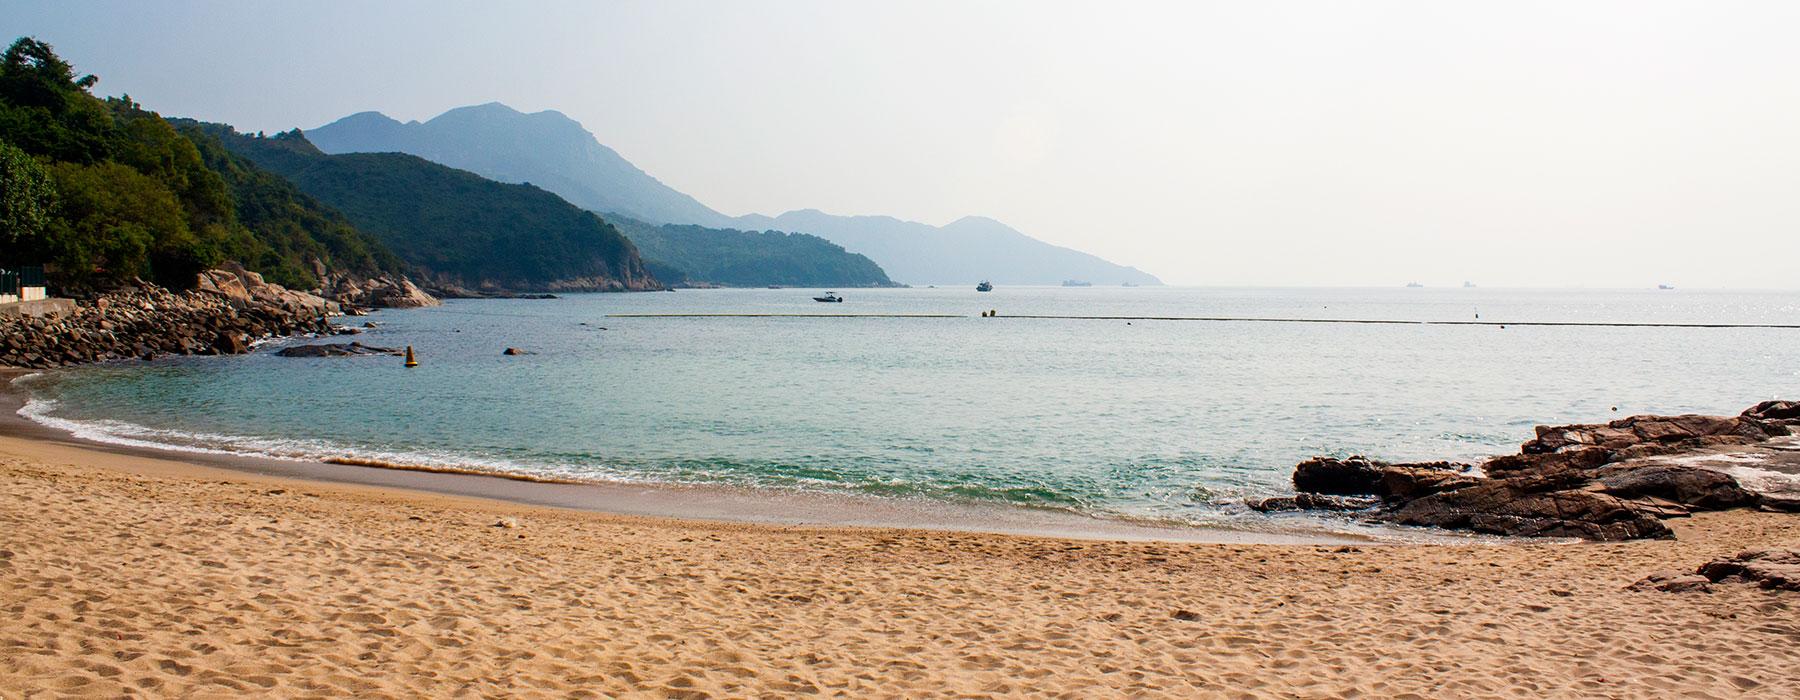 Beach Hongkong_2